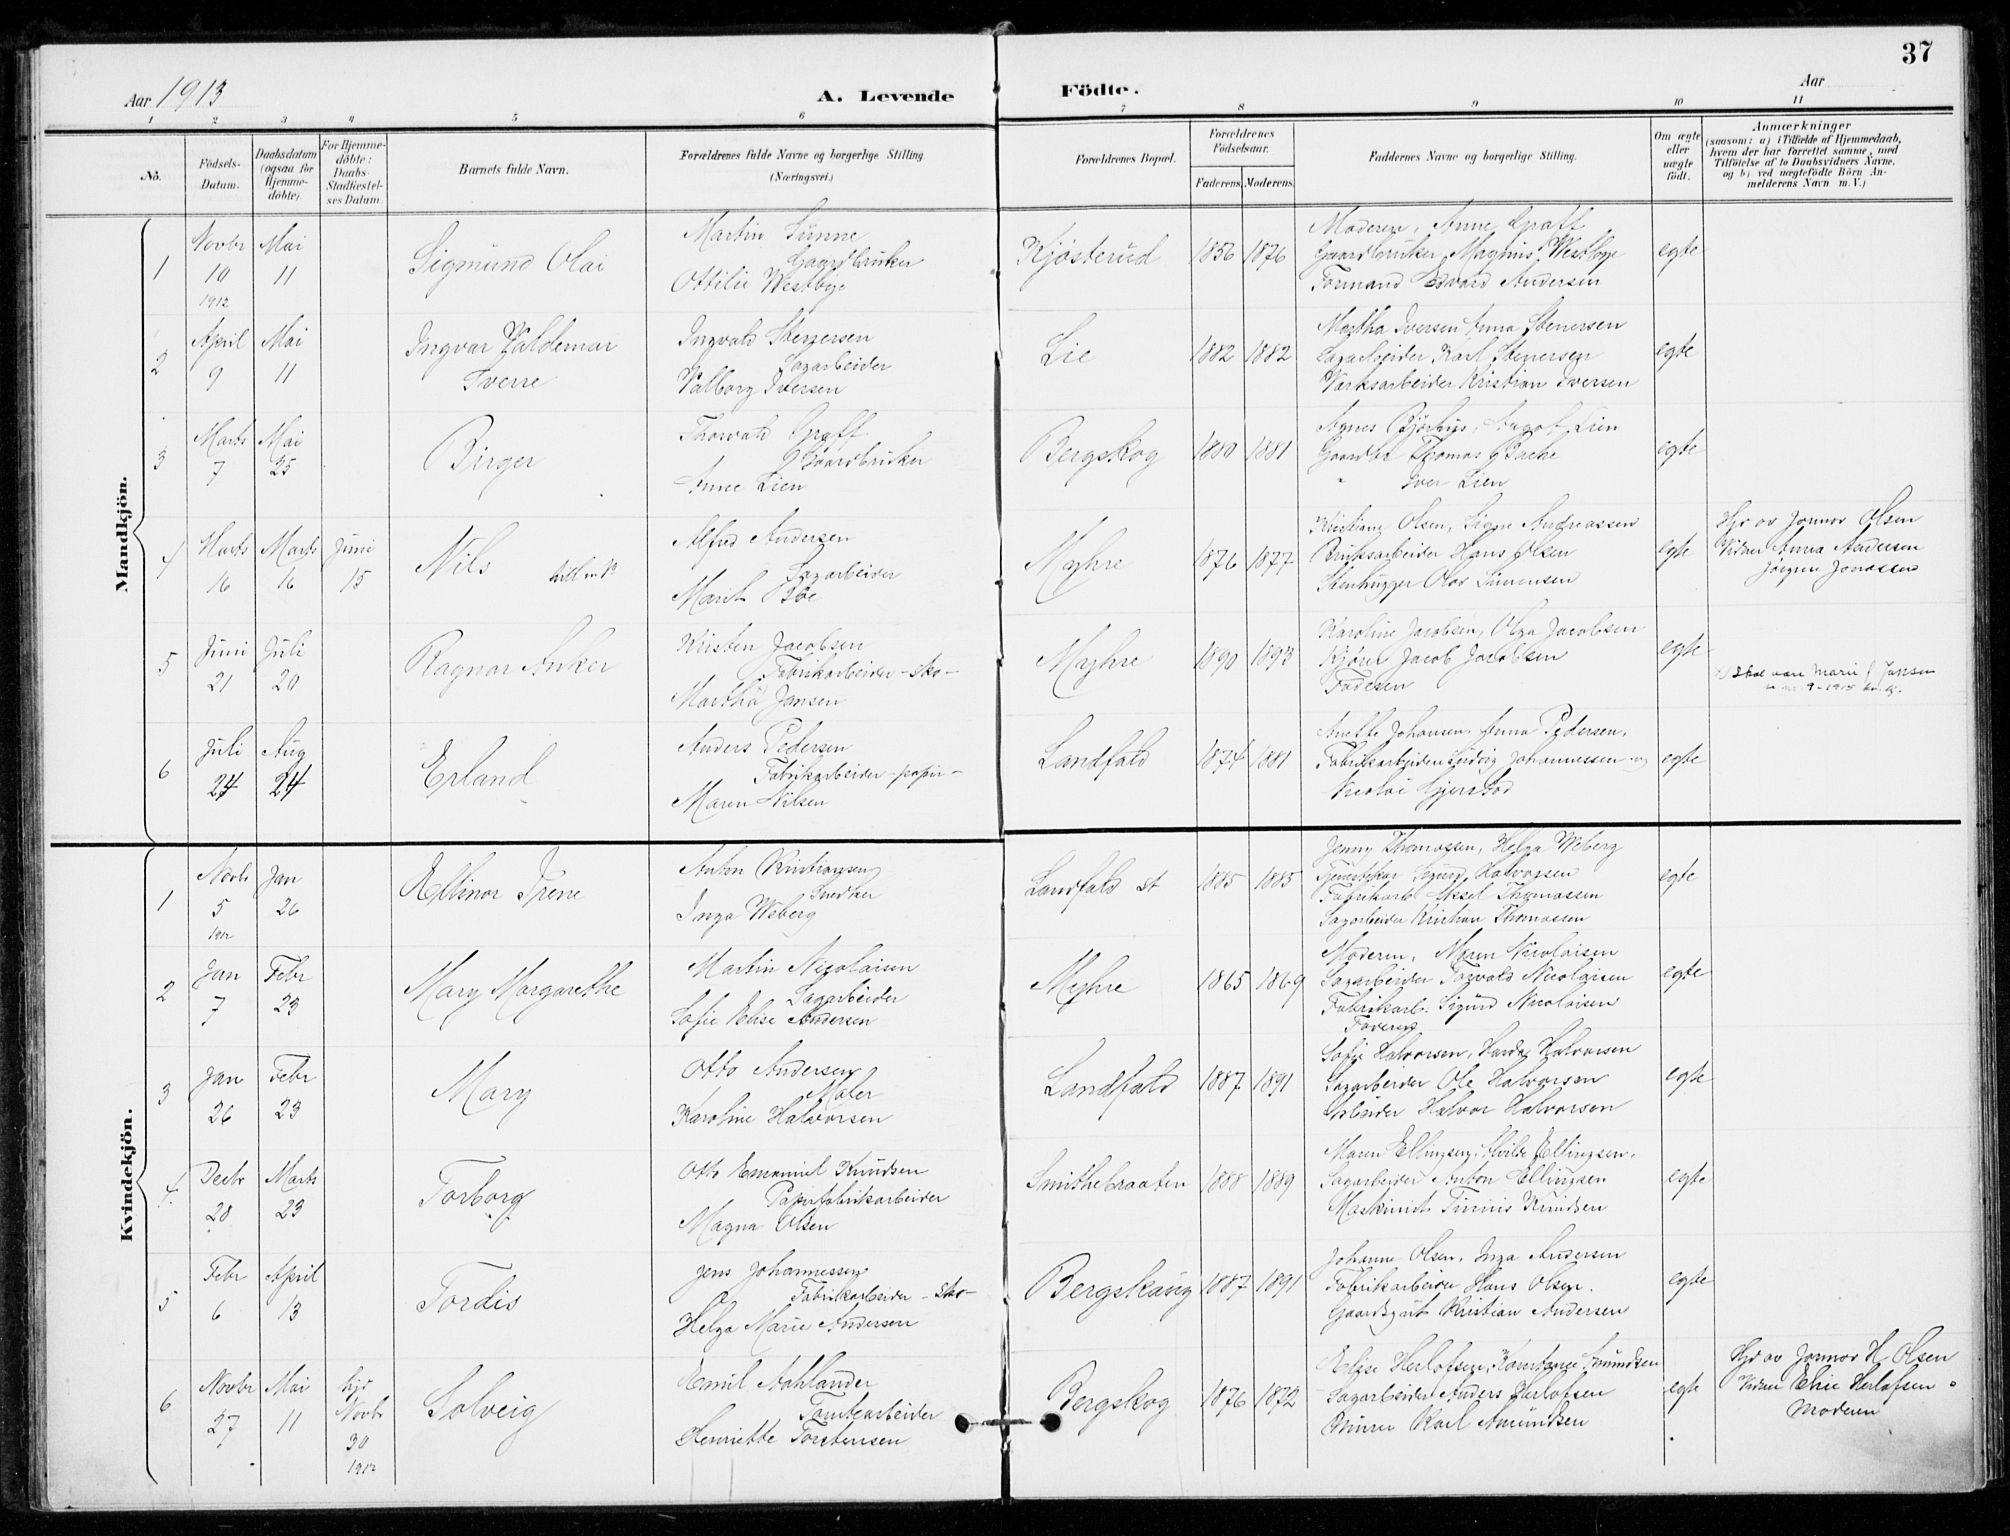 SAKO, Åssiden kirkebøker, F/Fa/L0002: Ministerialbok nr. 2, 1896-1916, s. 37